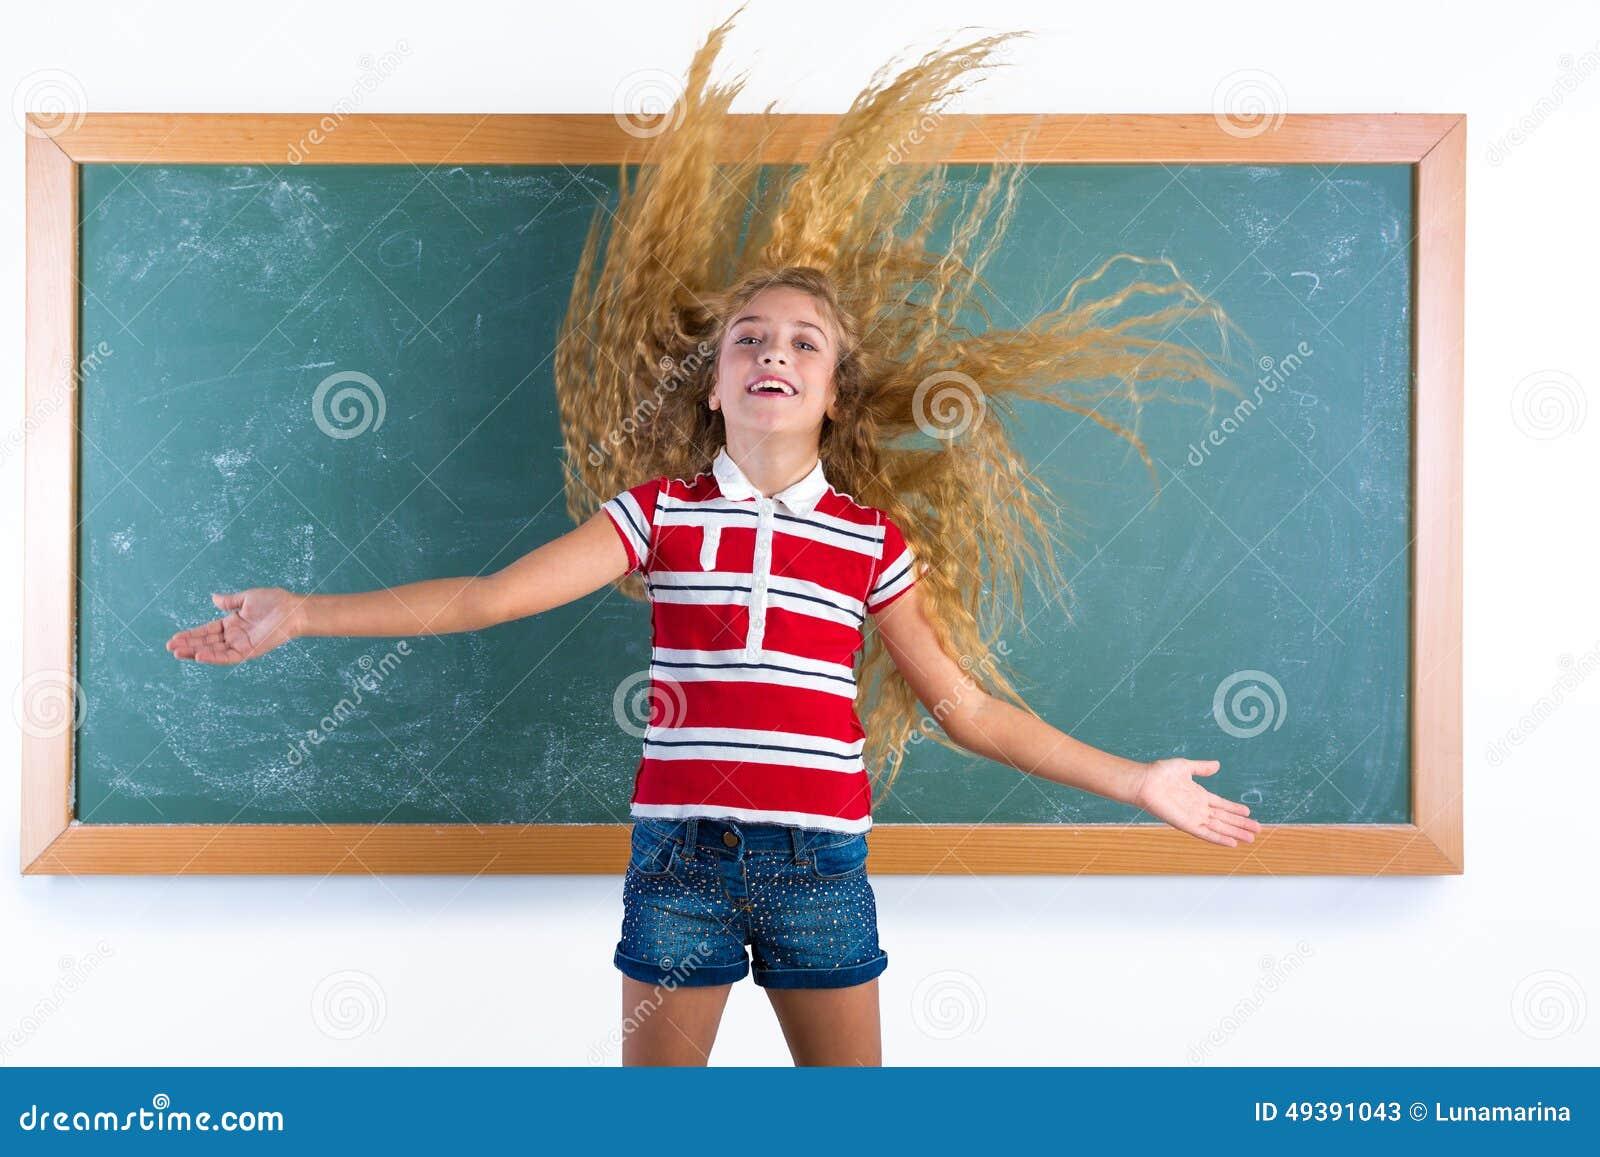 翻转长的头发的滑稽的学生女孩在学校